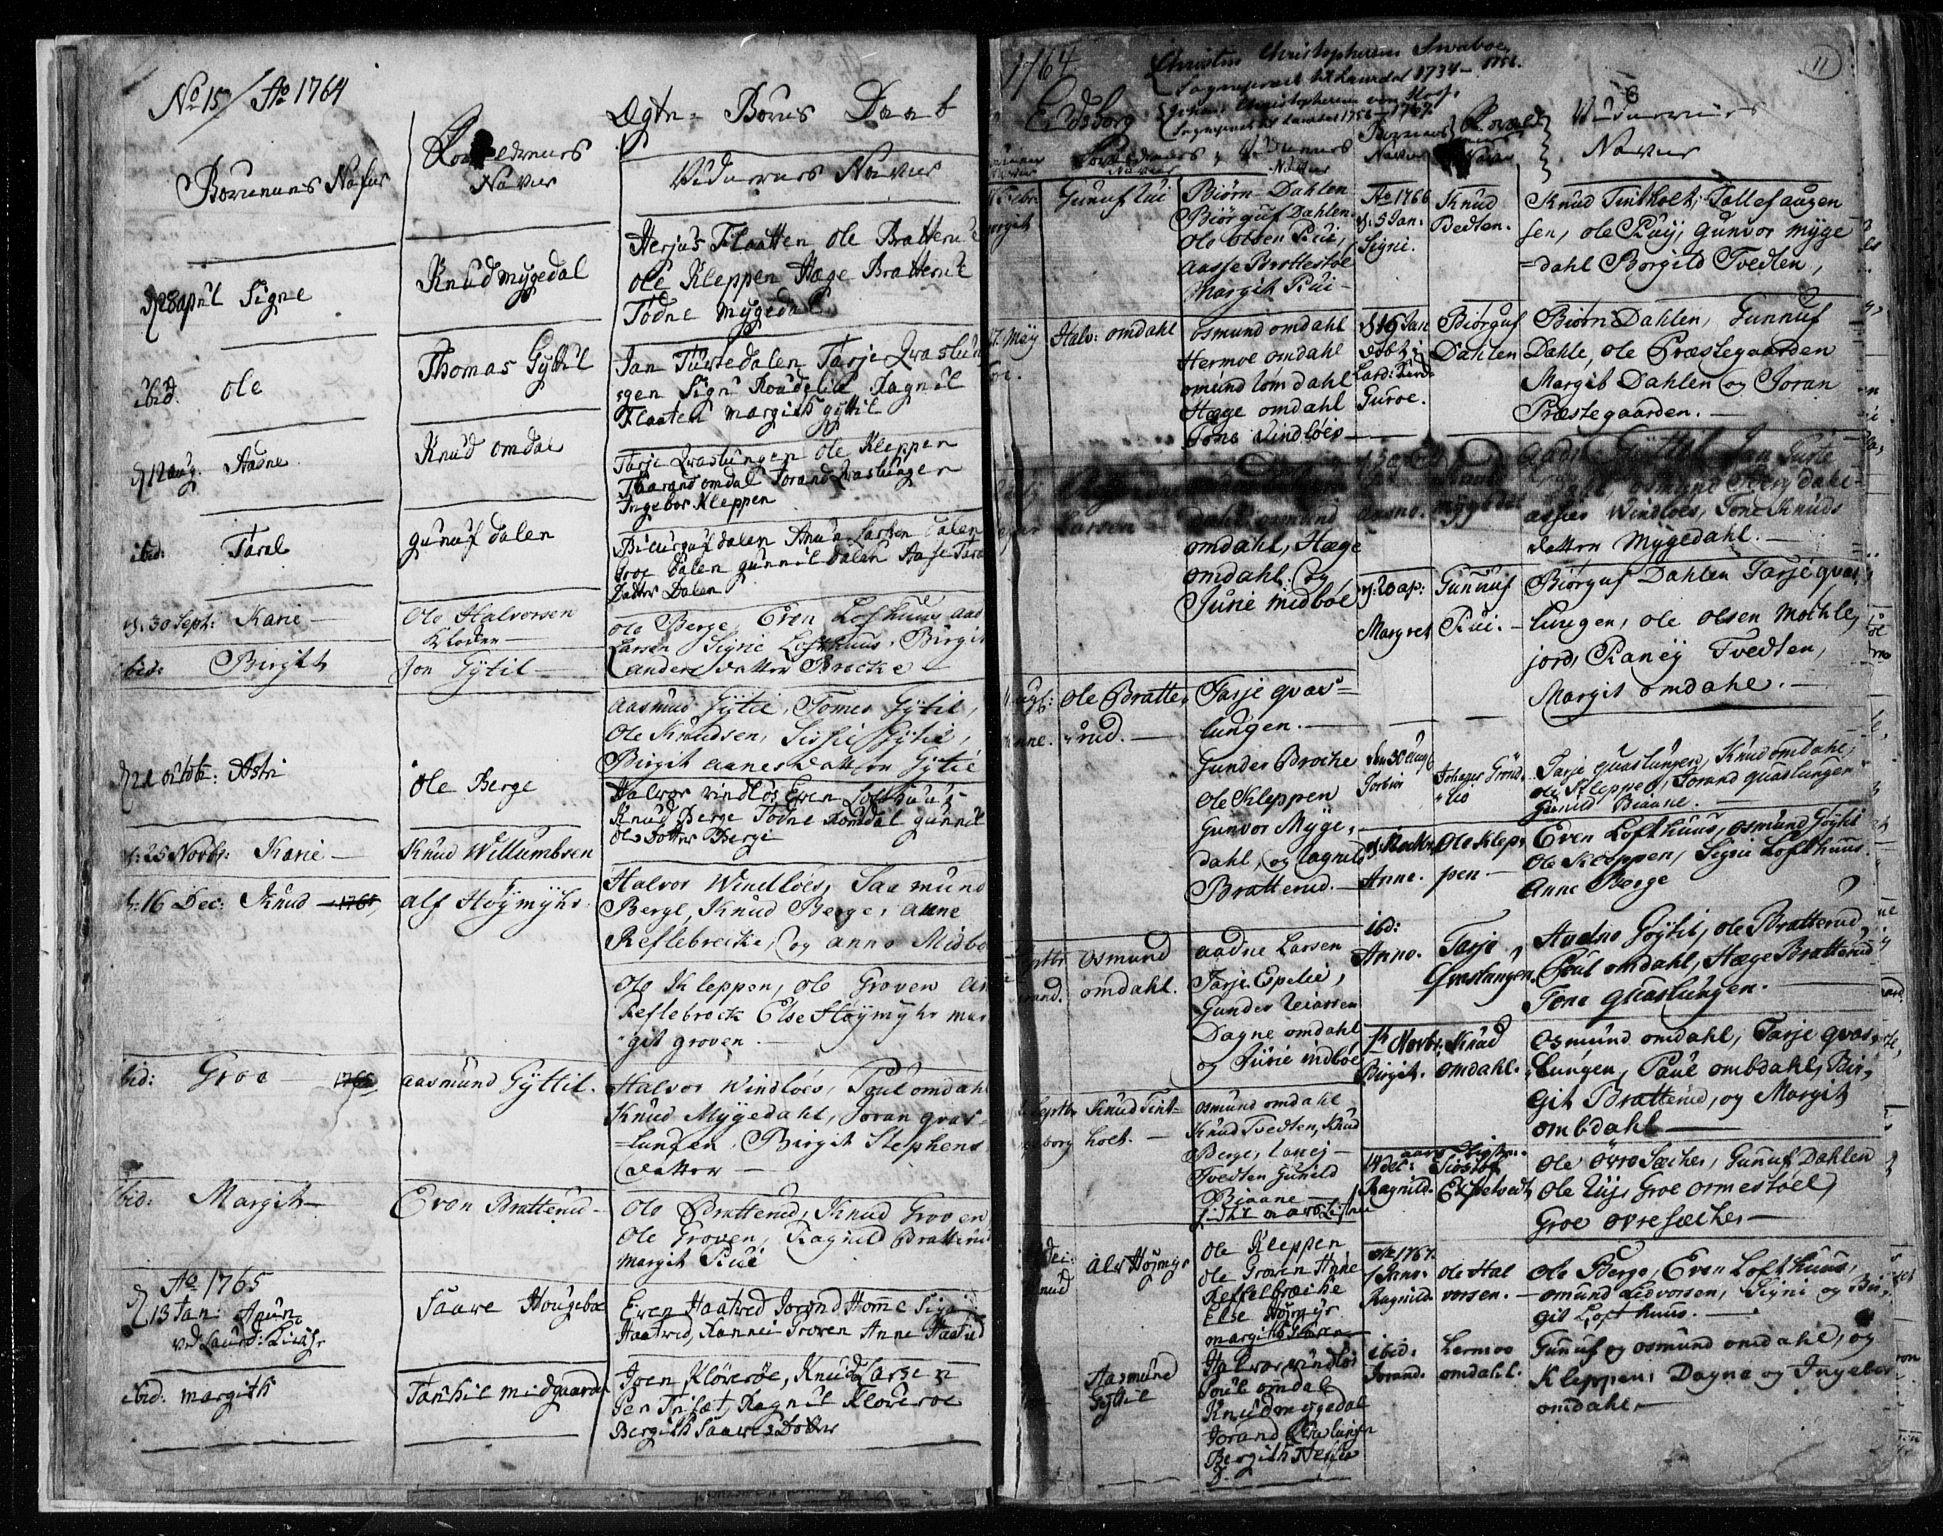 SAKO, Lårdal kirkebøker, F/Fa/L0003: Ministerialbok nr. I 3, 1754-1790, s. 11